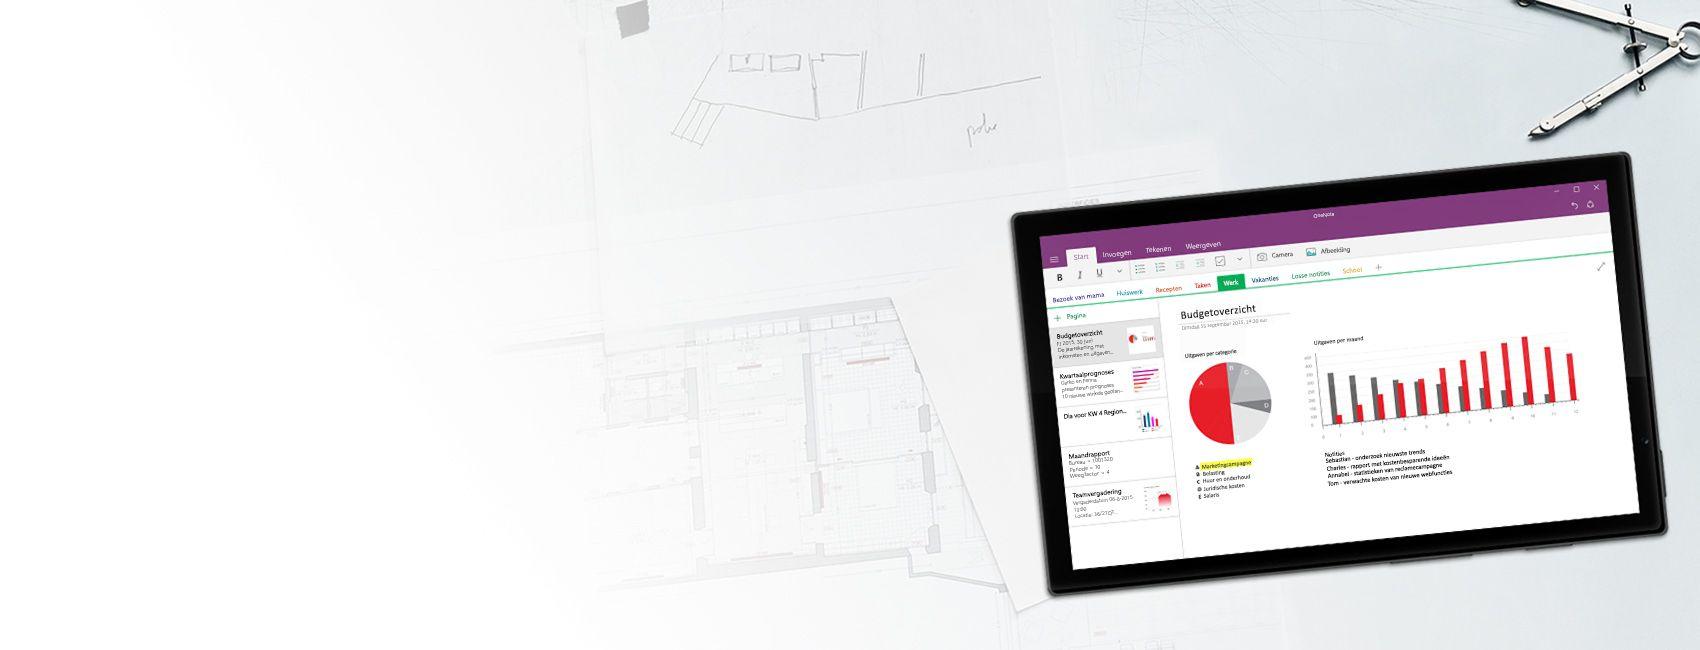 Windows-tablet met een OneNote-notitieblok met diagrammen en grafieken met budgetoverzichten